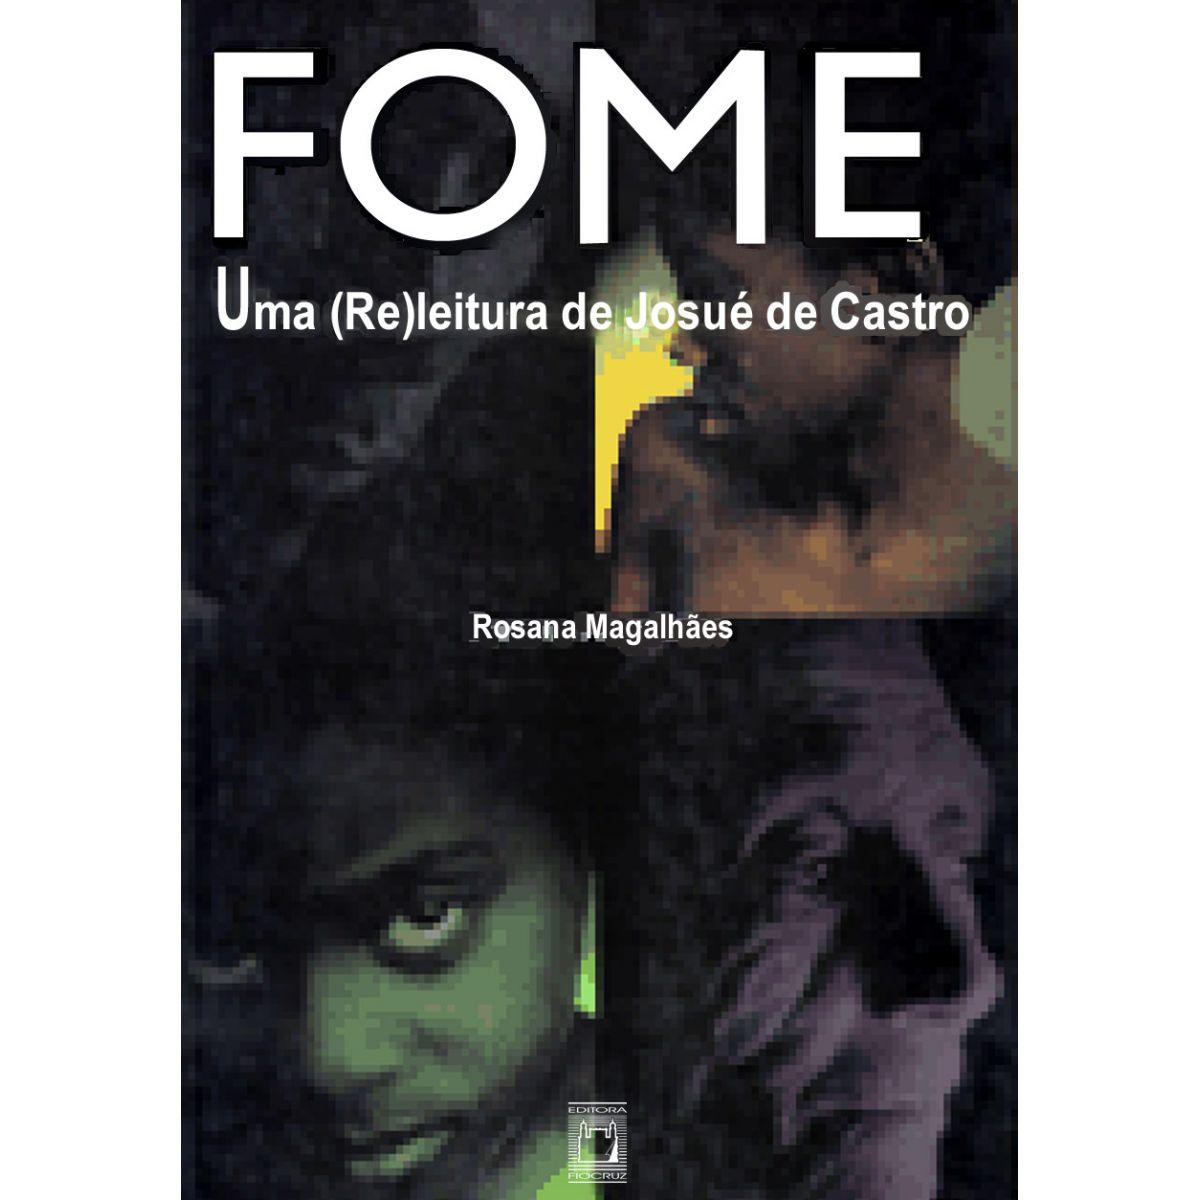 Fome: uma (re)leitura de Josué de Castro  - Livraria Virtual da Editora Fiocruz